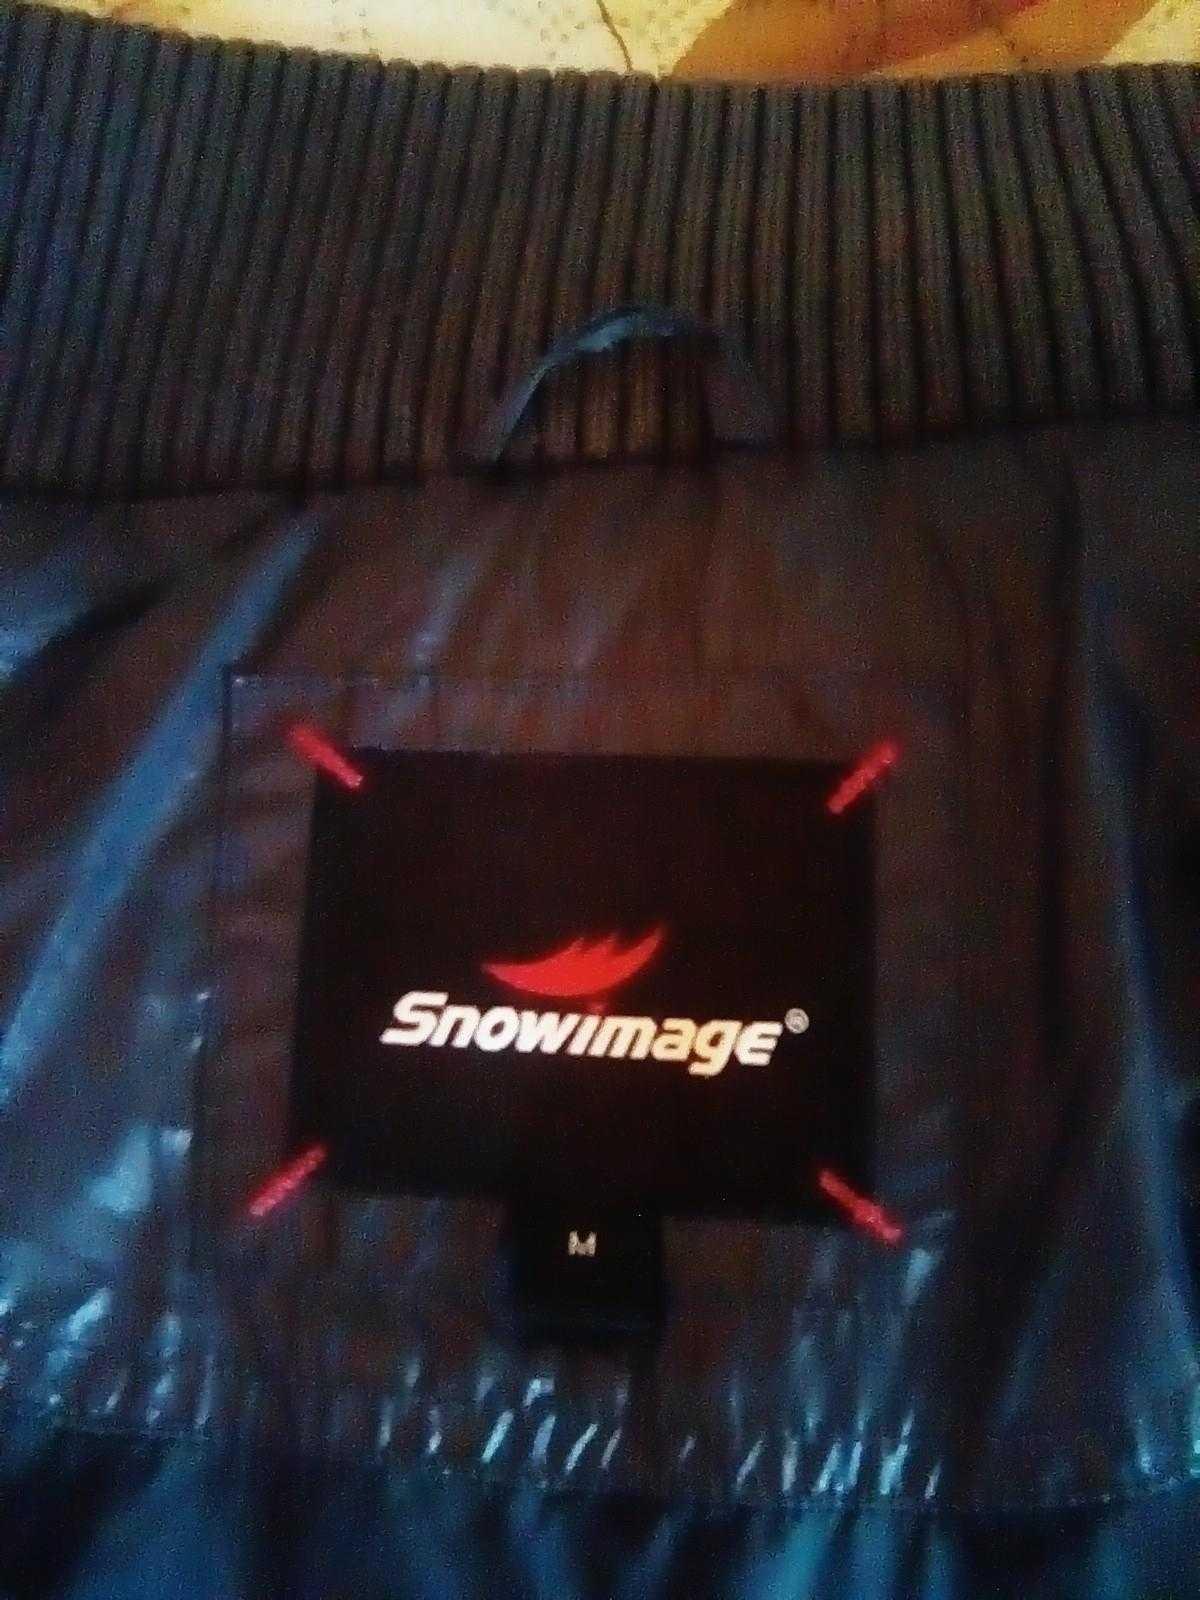 Snowimage Куртка Пуховик, Размер M(48-50) в Балашихе 89017102050 купить 10